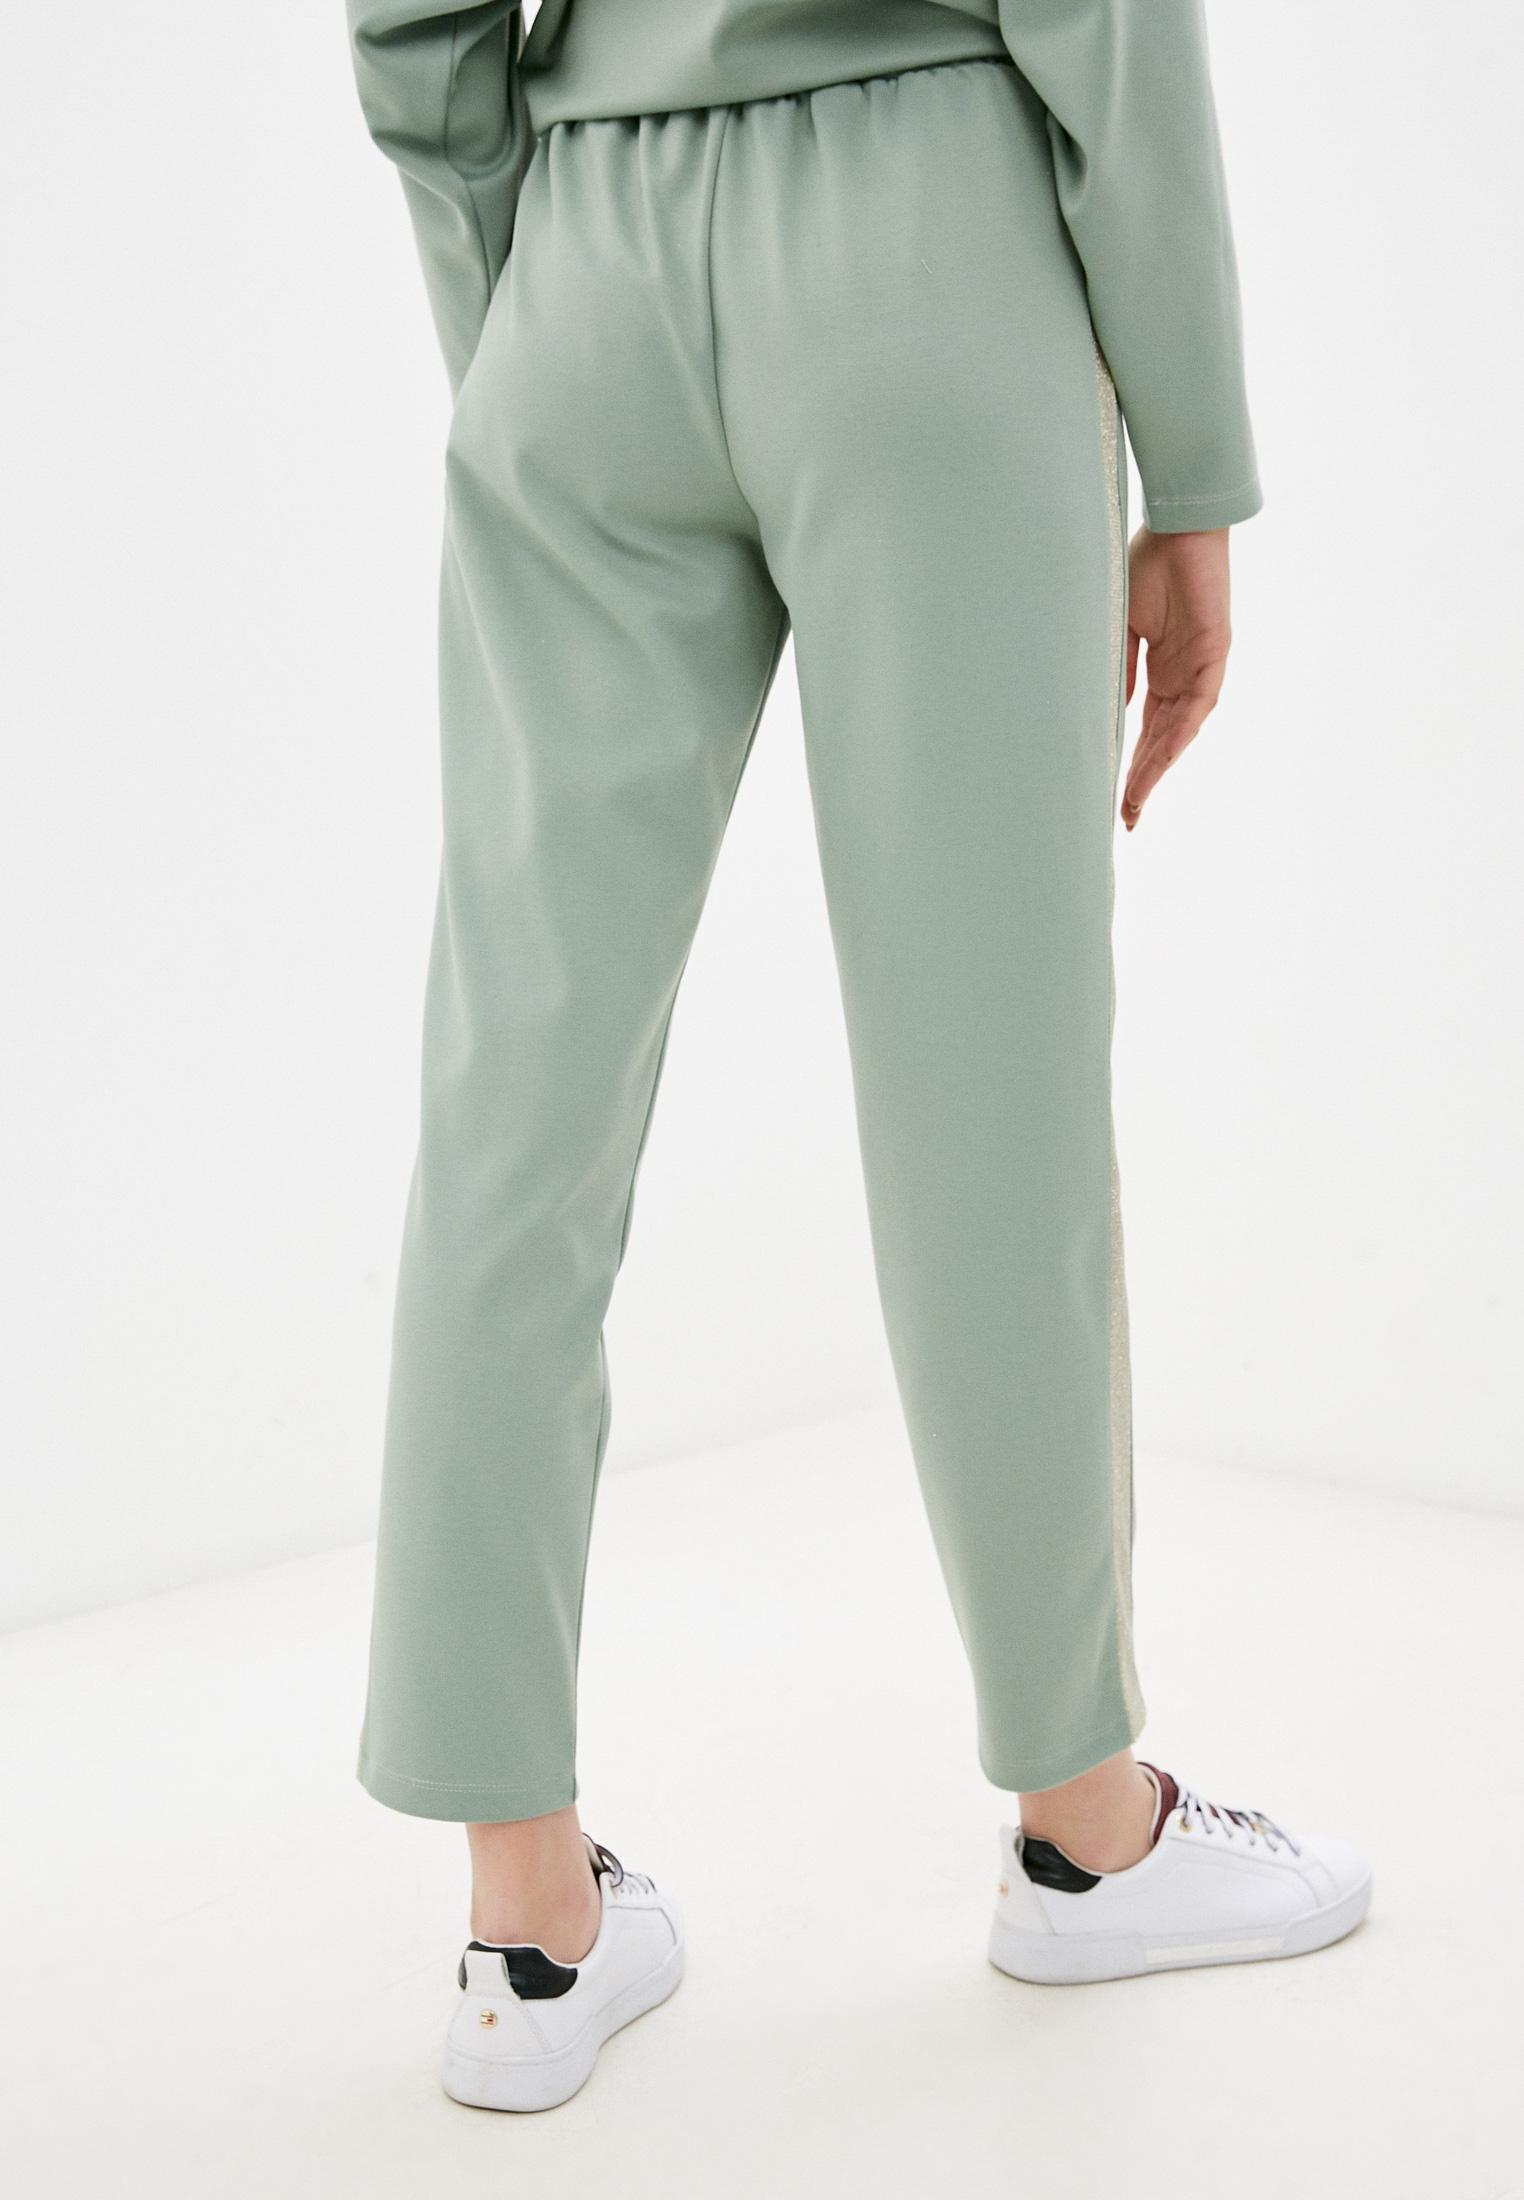 Женские спортивные брюки Nataliy Beate Брюки мод 527: изображение 3